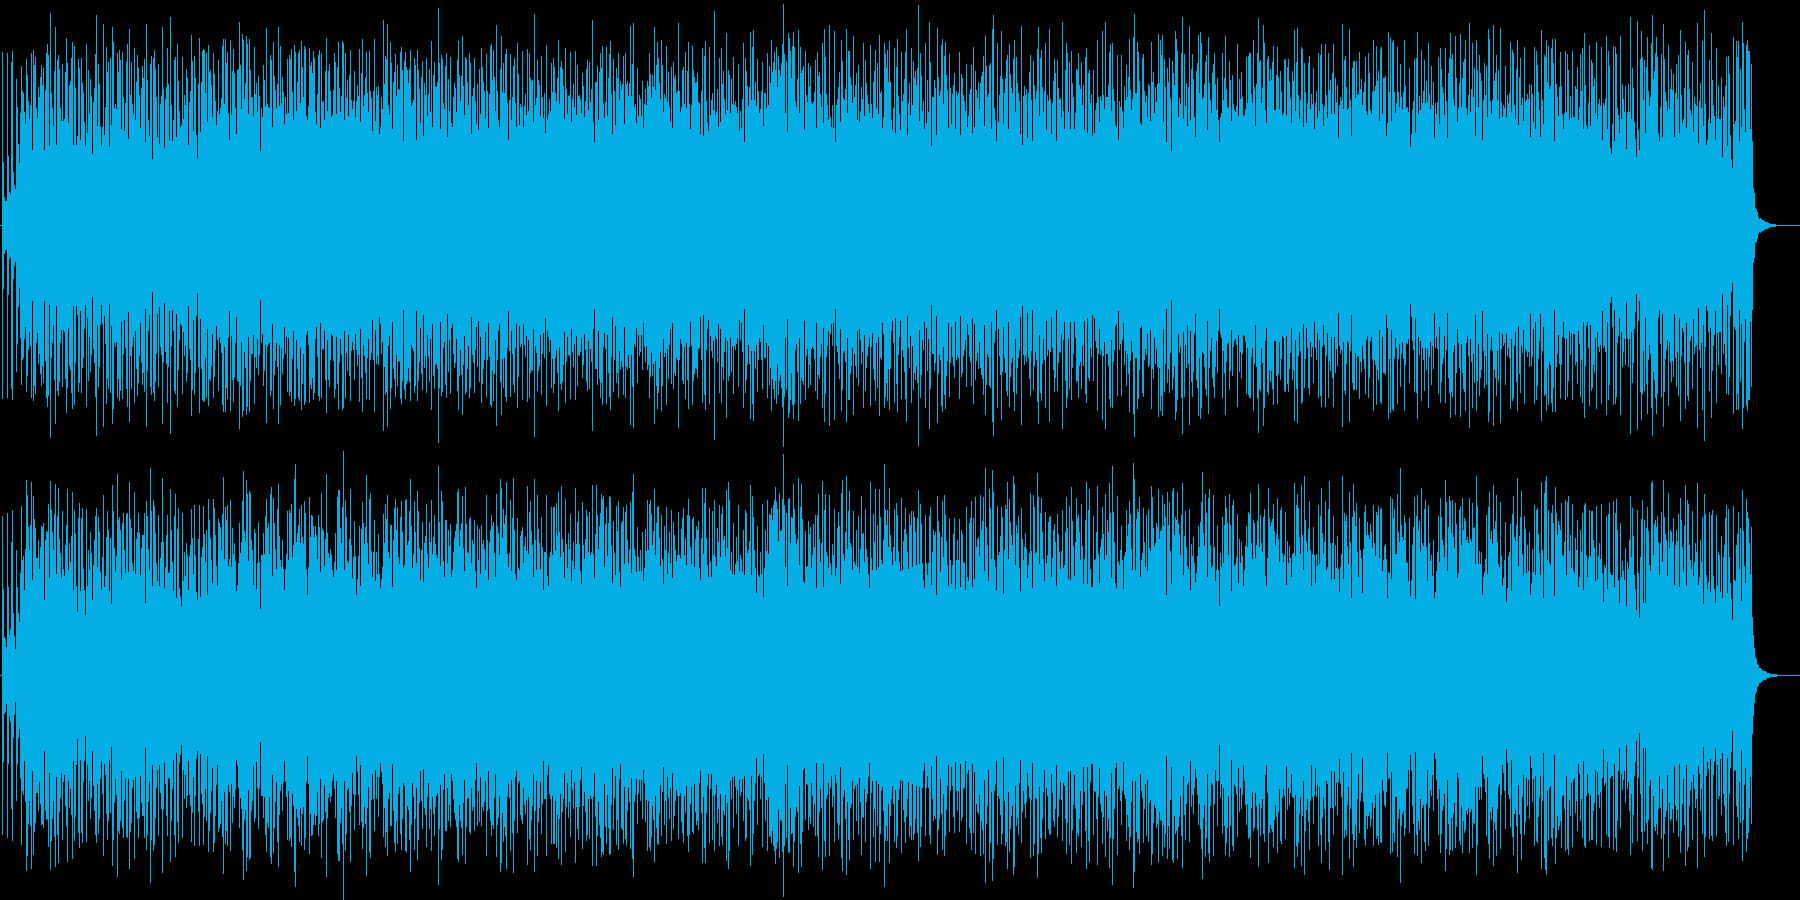 和風ストリングスと疾走感のあるドラムの再生済みの波形